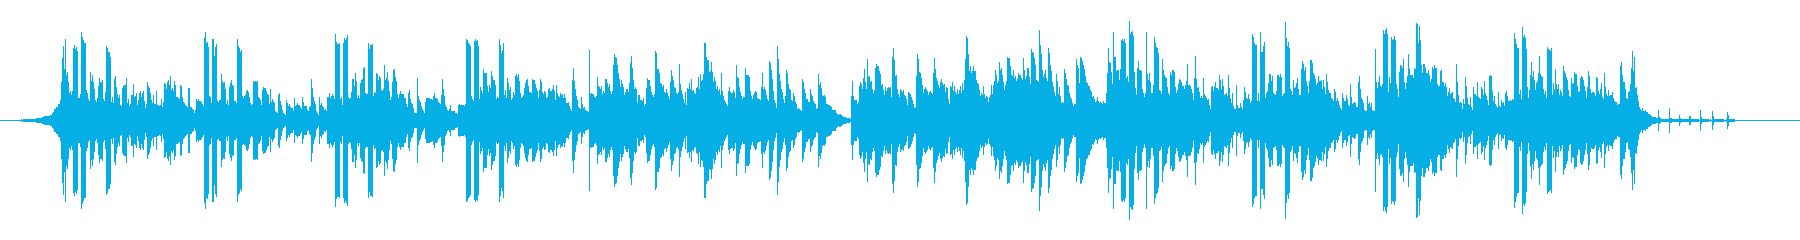 Pop,Electronicaの再生済みの波形